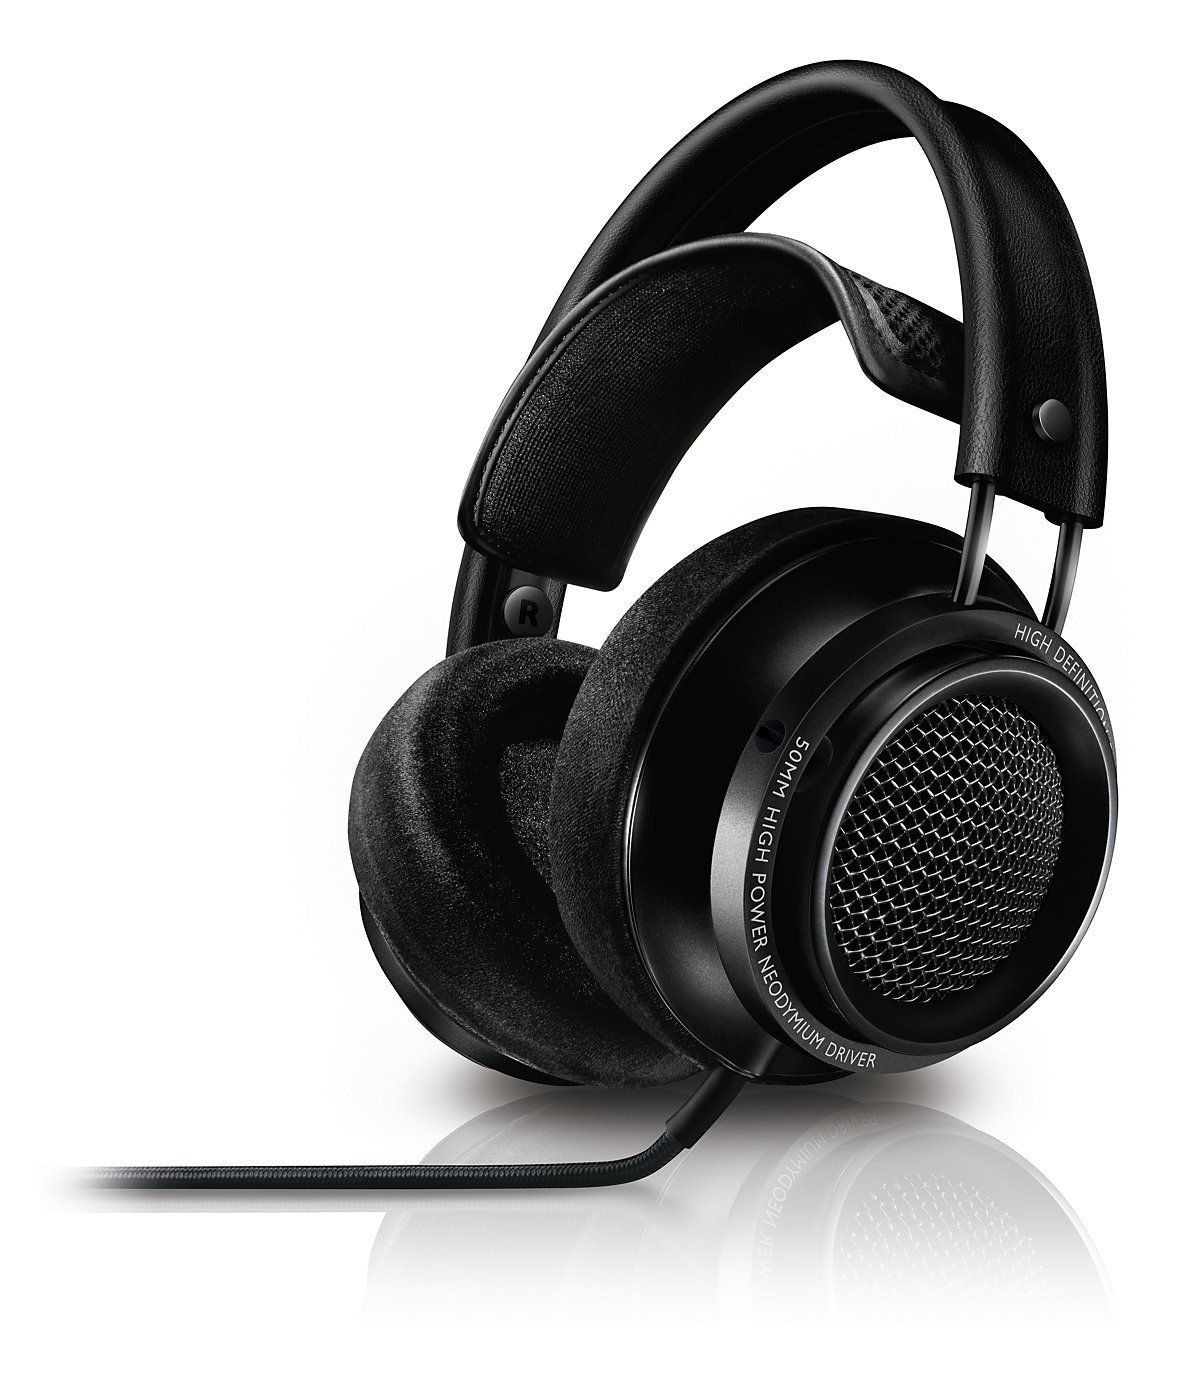 Philips X2 Casque Audio Filaire Son Haute Résolution Hi Res Basses